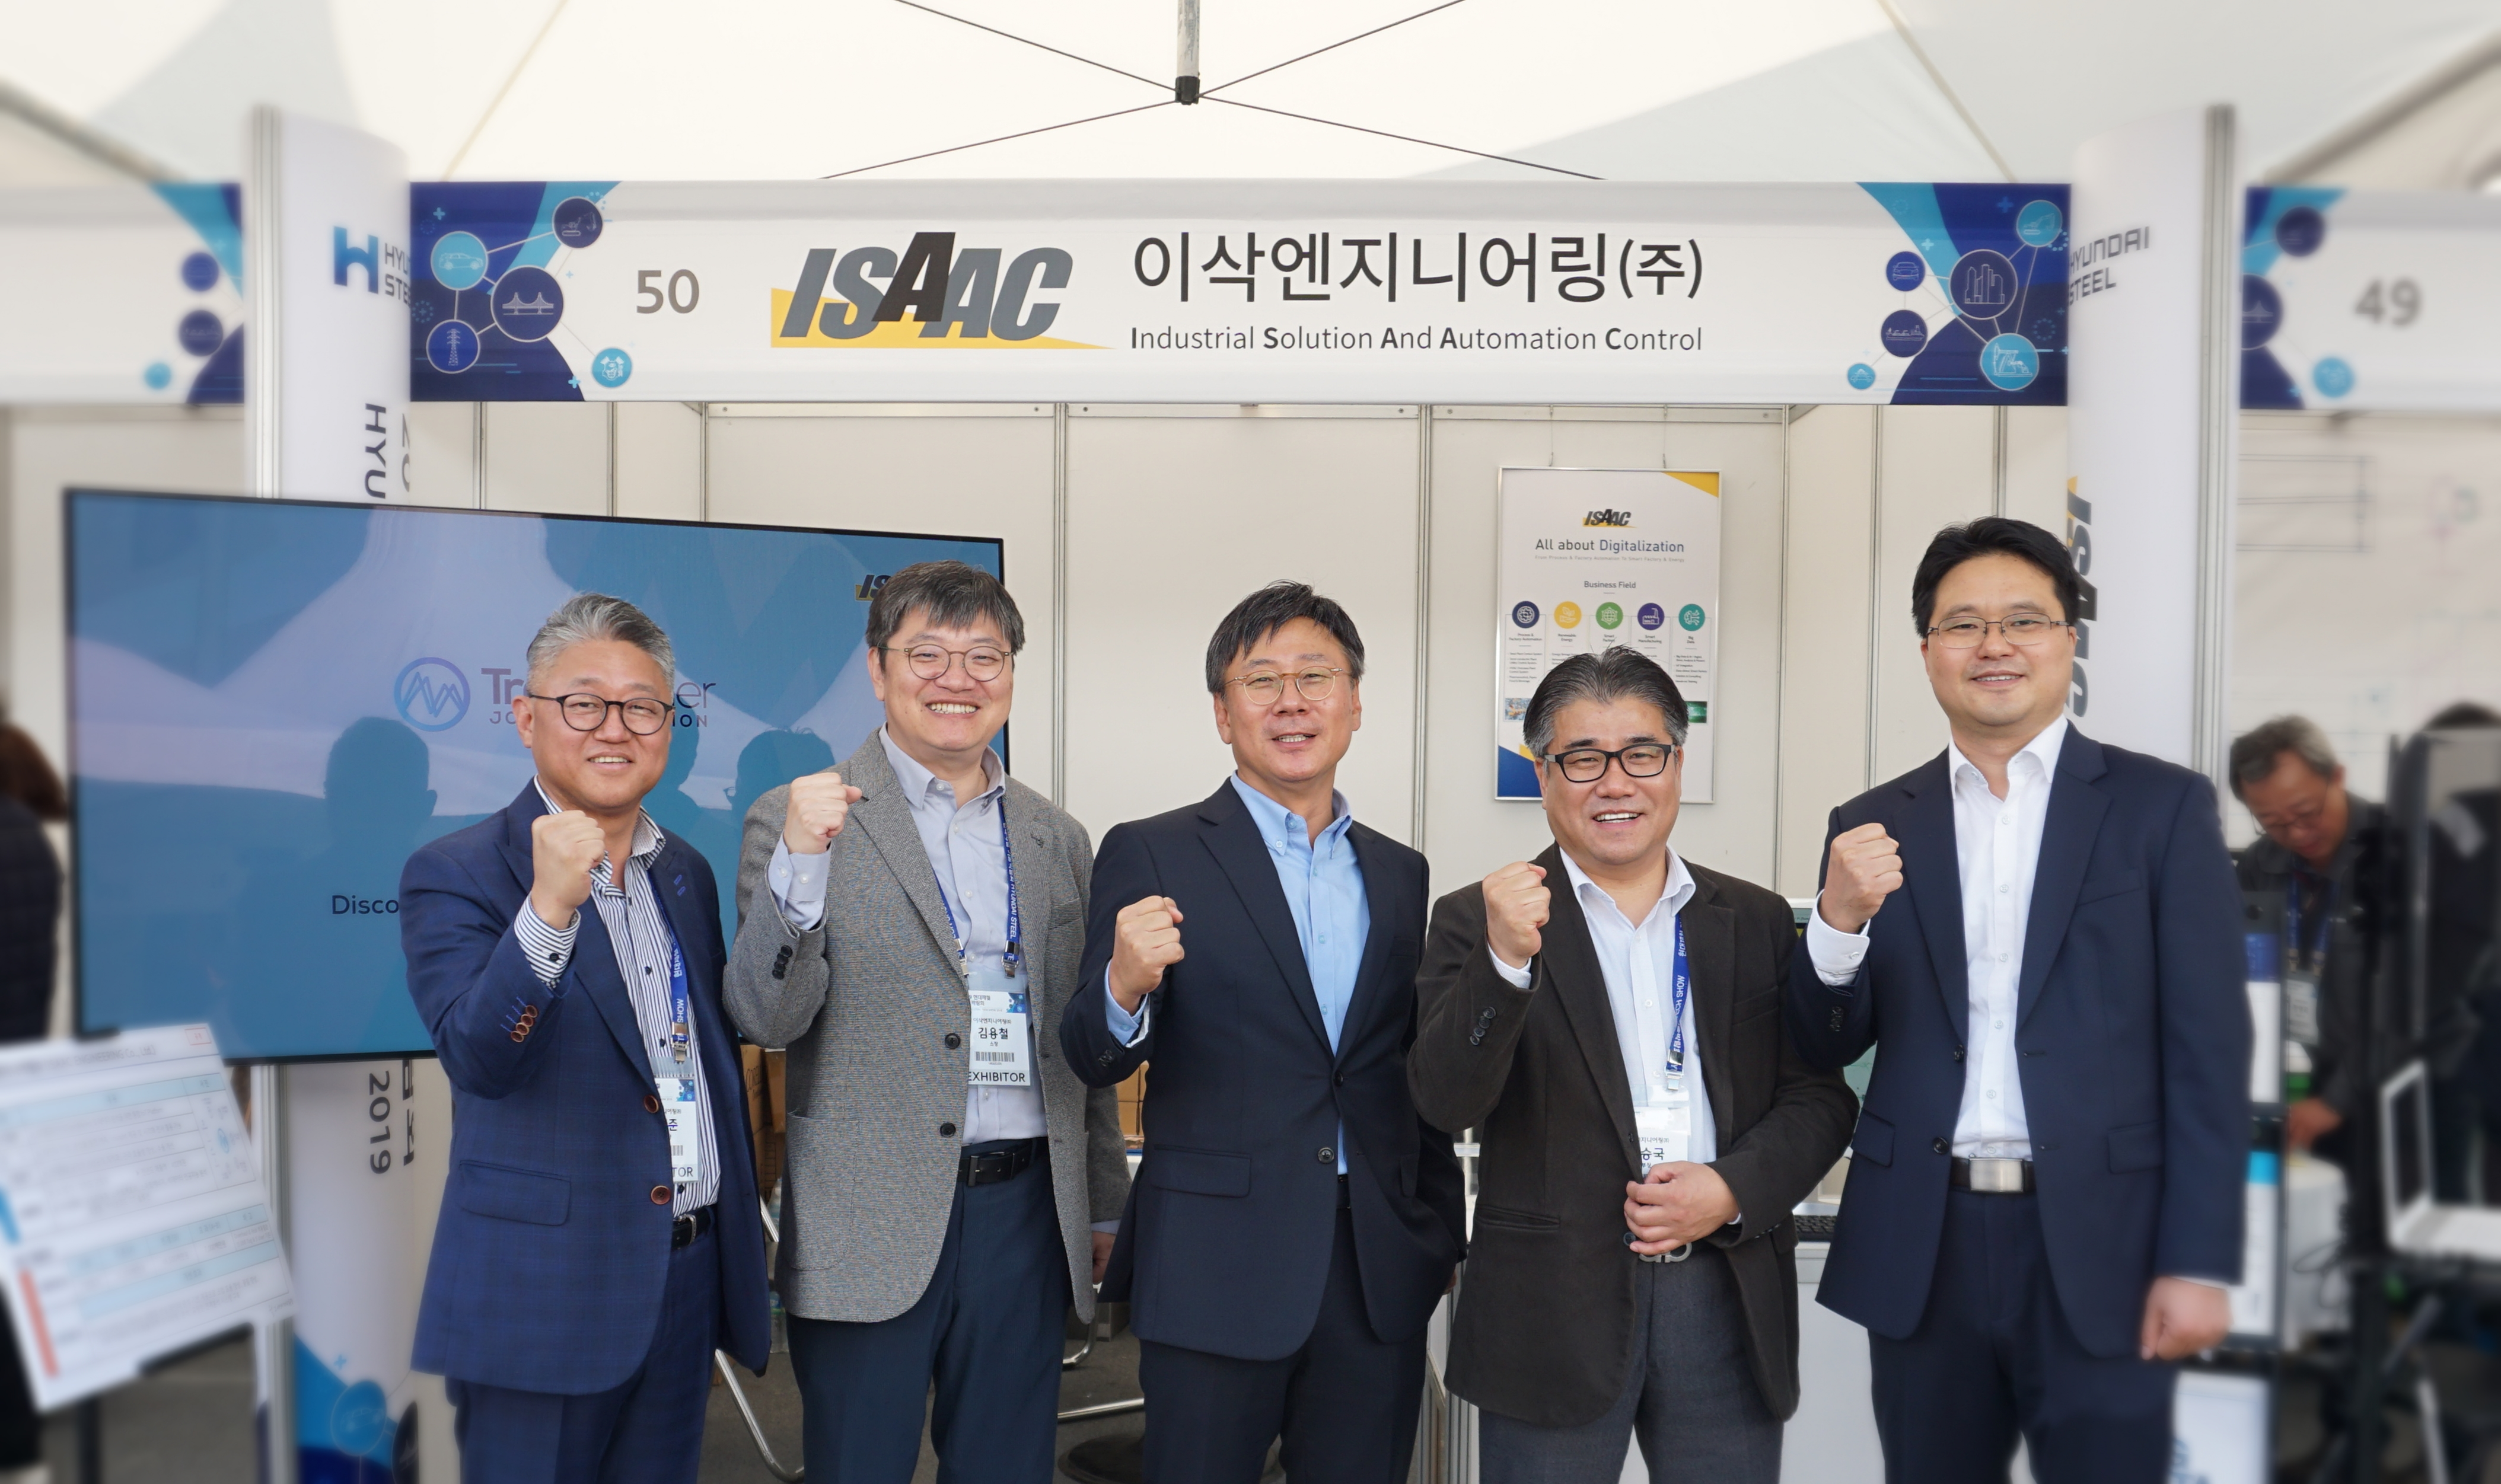 이삭엔지니어링, 현대제철 기술박람회 참가…IIoT 플랫폼·빅데이터 예지 정비 솔루션 소개